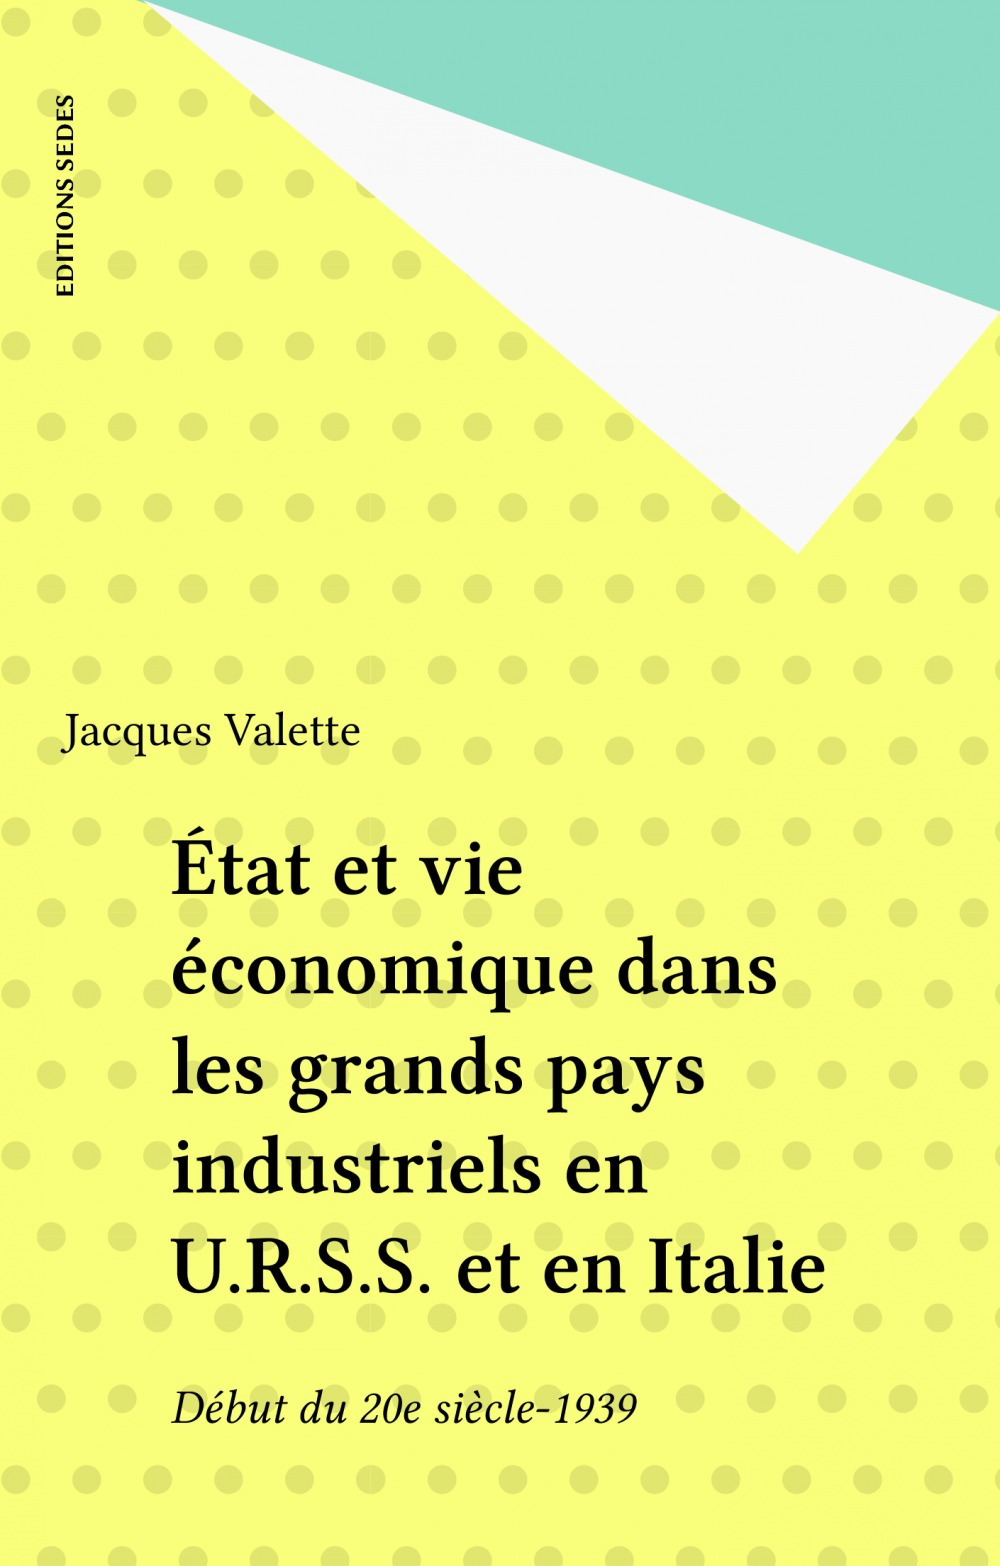 Etat et vie economique dans les grands pays industriels